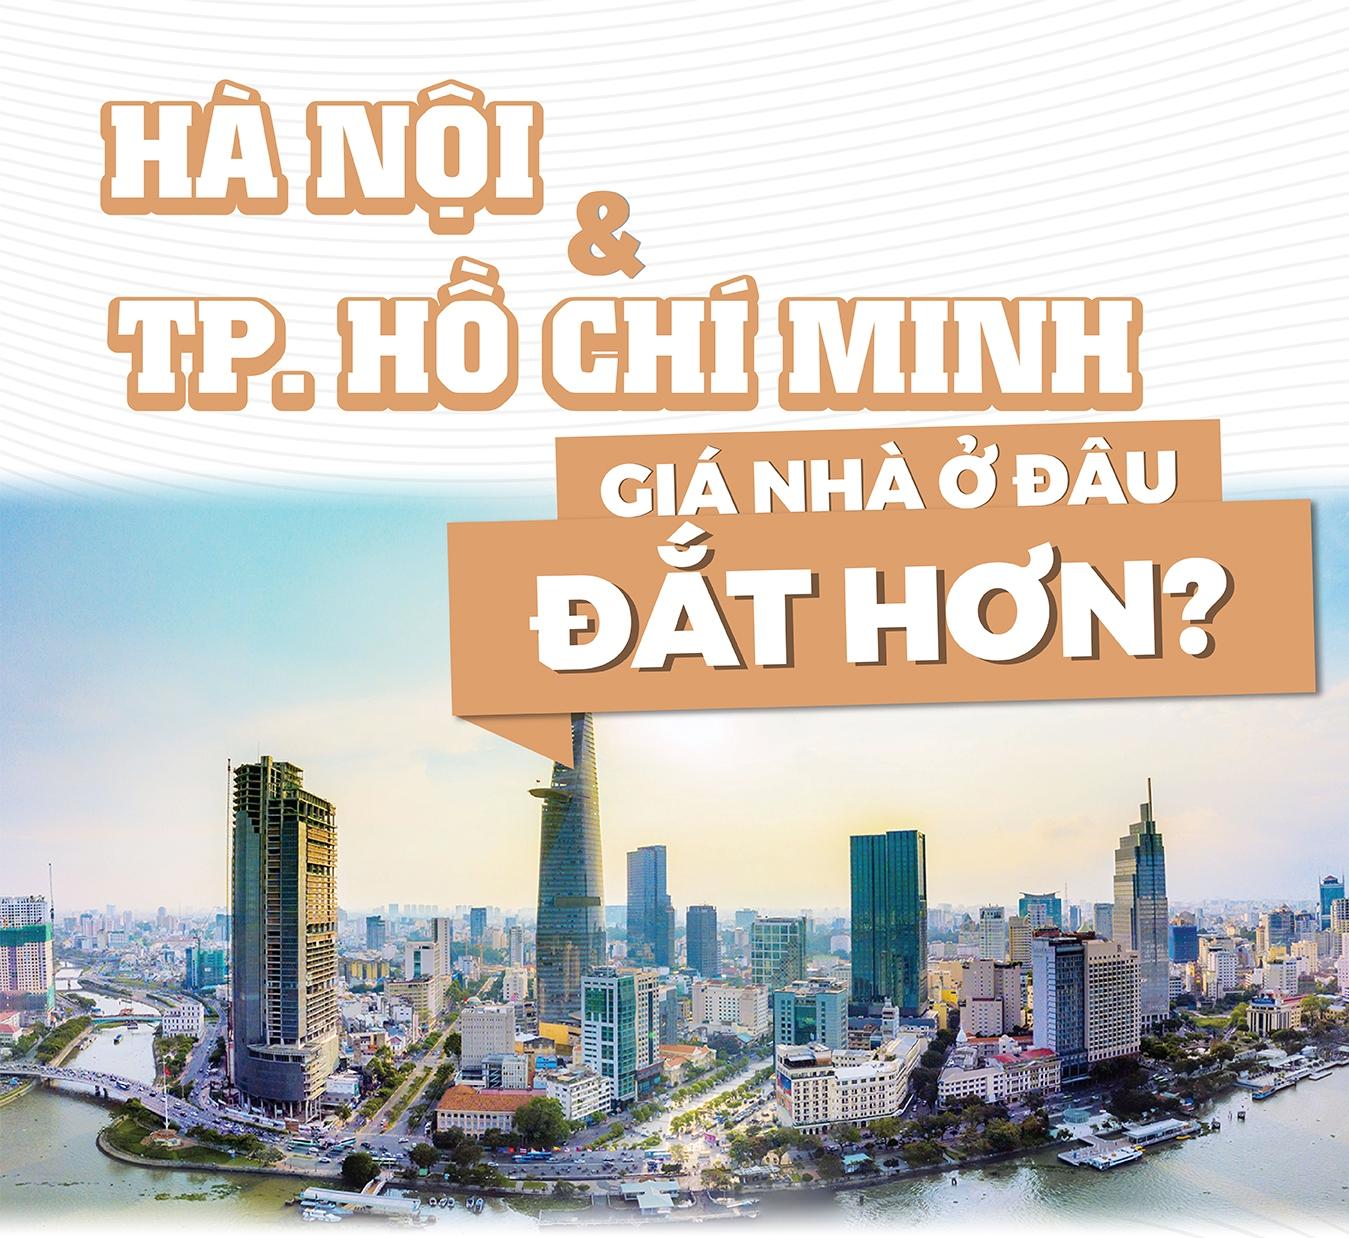 Hà Nội và TP.HCM, giá nhà ở đâu đắt hơn?